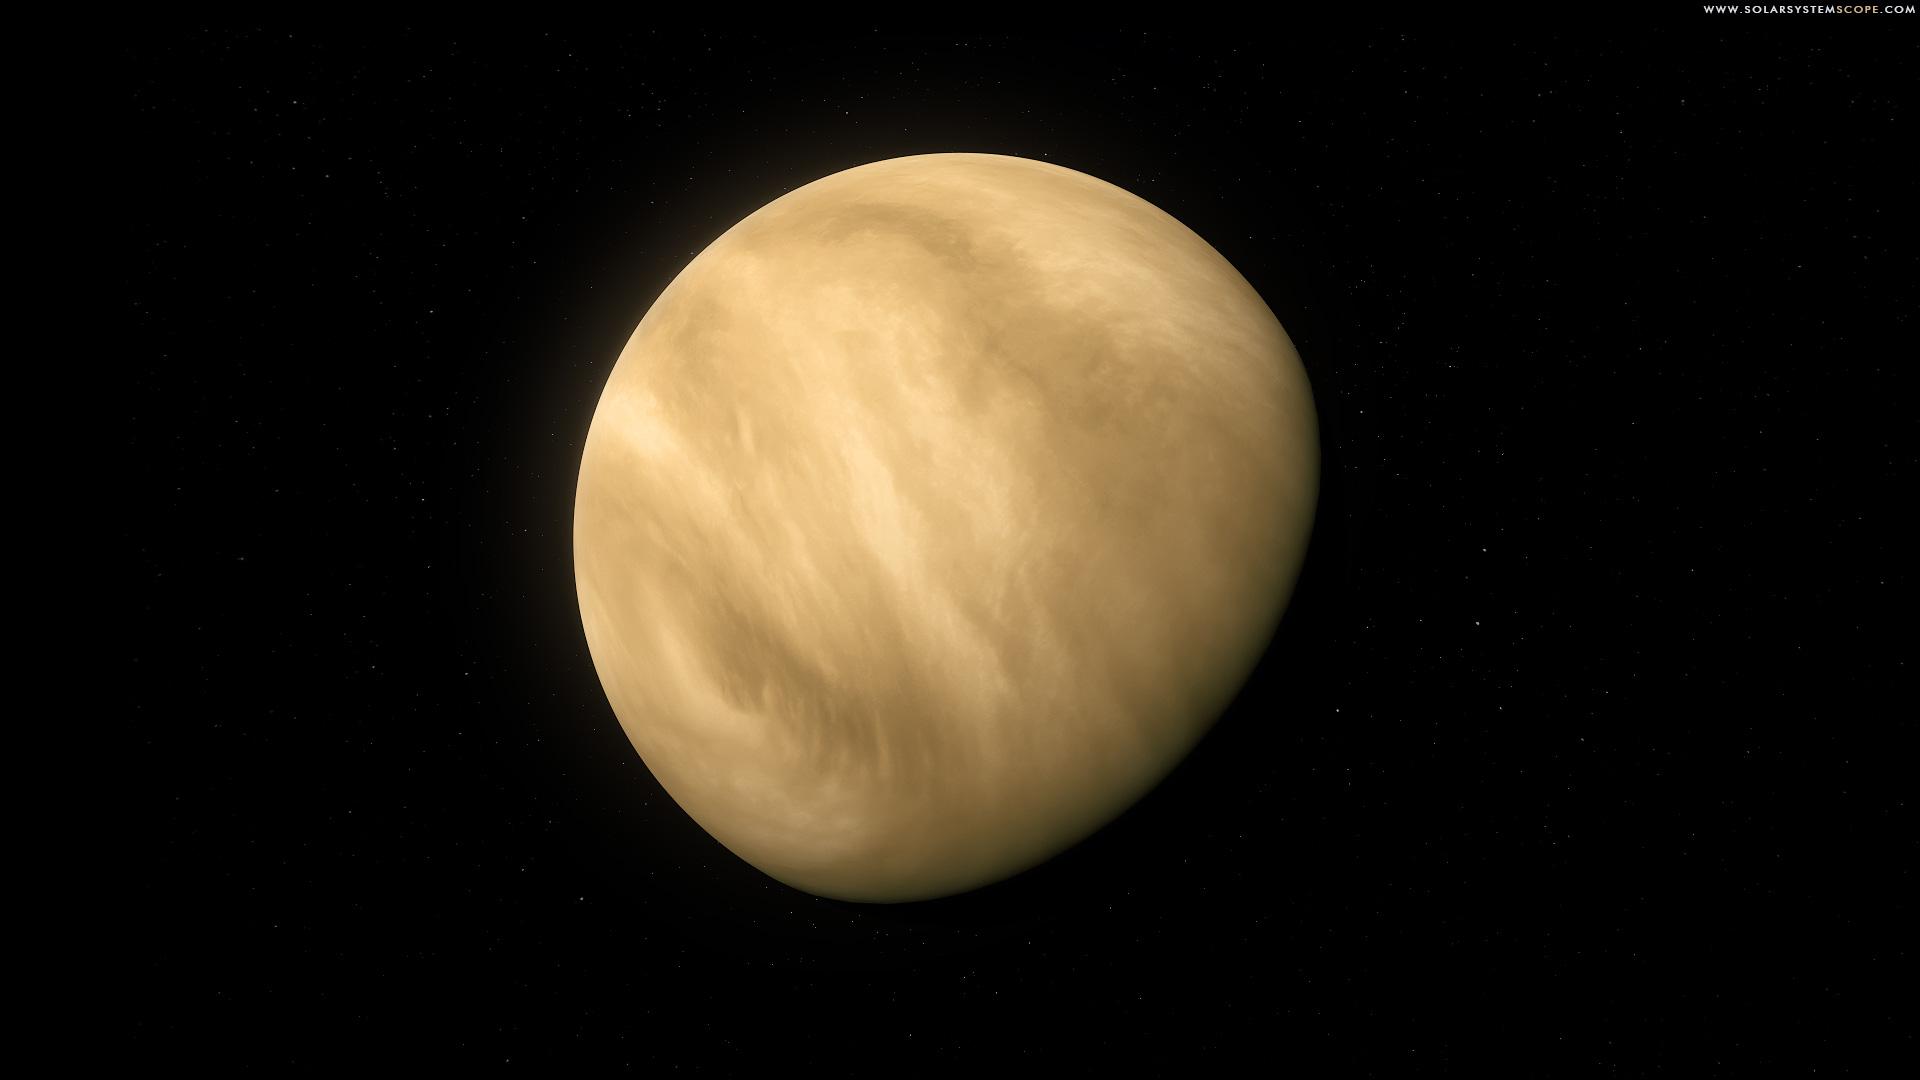 Venus HD Wallpaper Background Image 1920x1080 ID477051 1920x1080